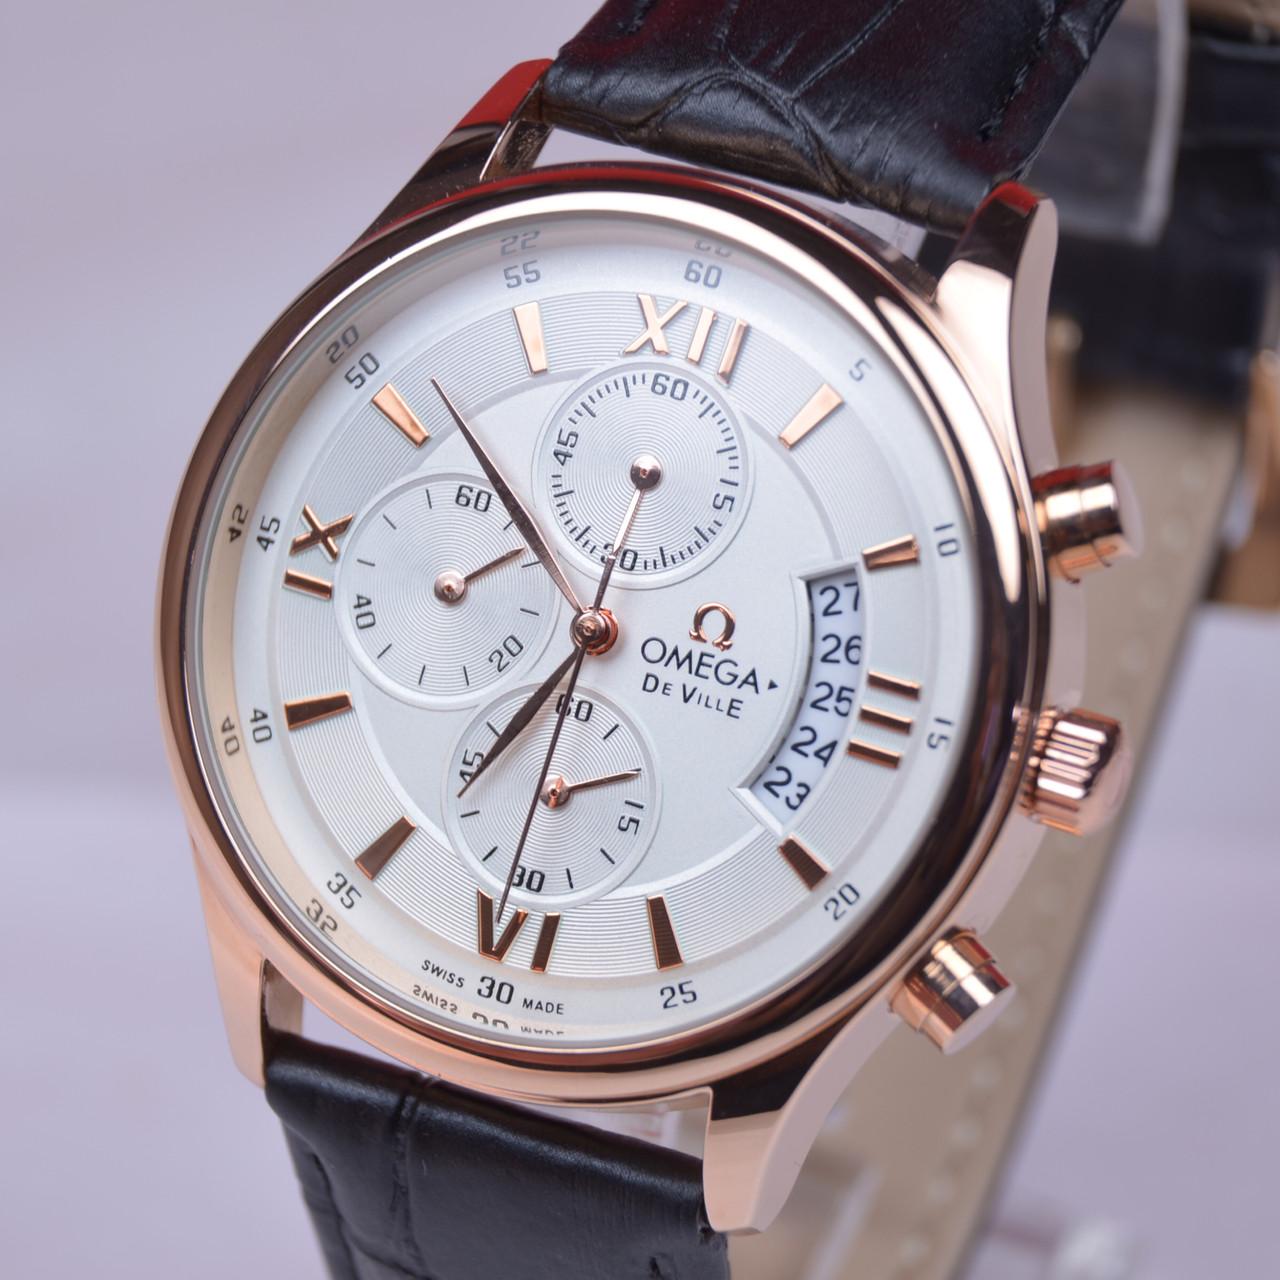 Мужские наручные часы OMEG-A De Velle копия хронограф все циферблаты рабочие, фото 1